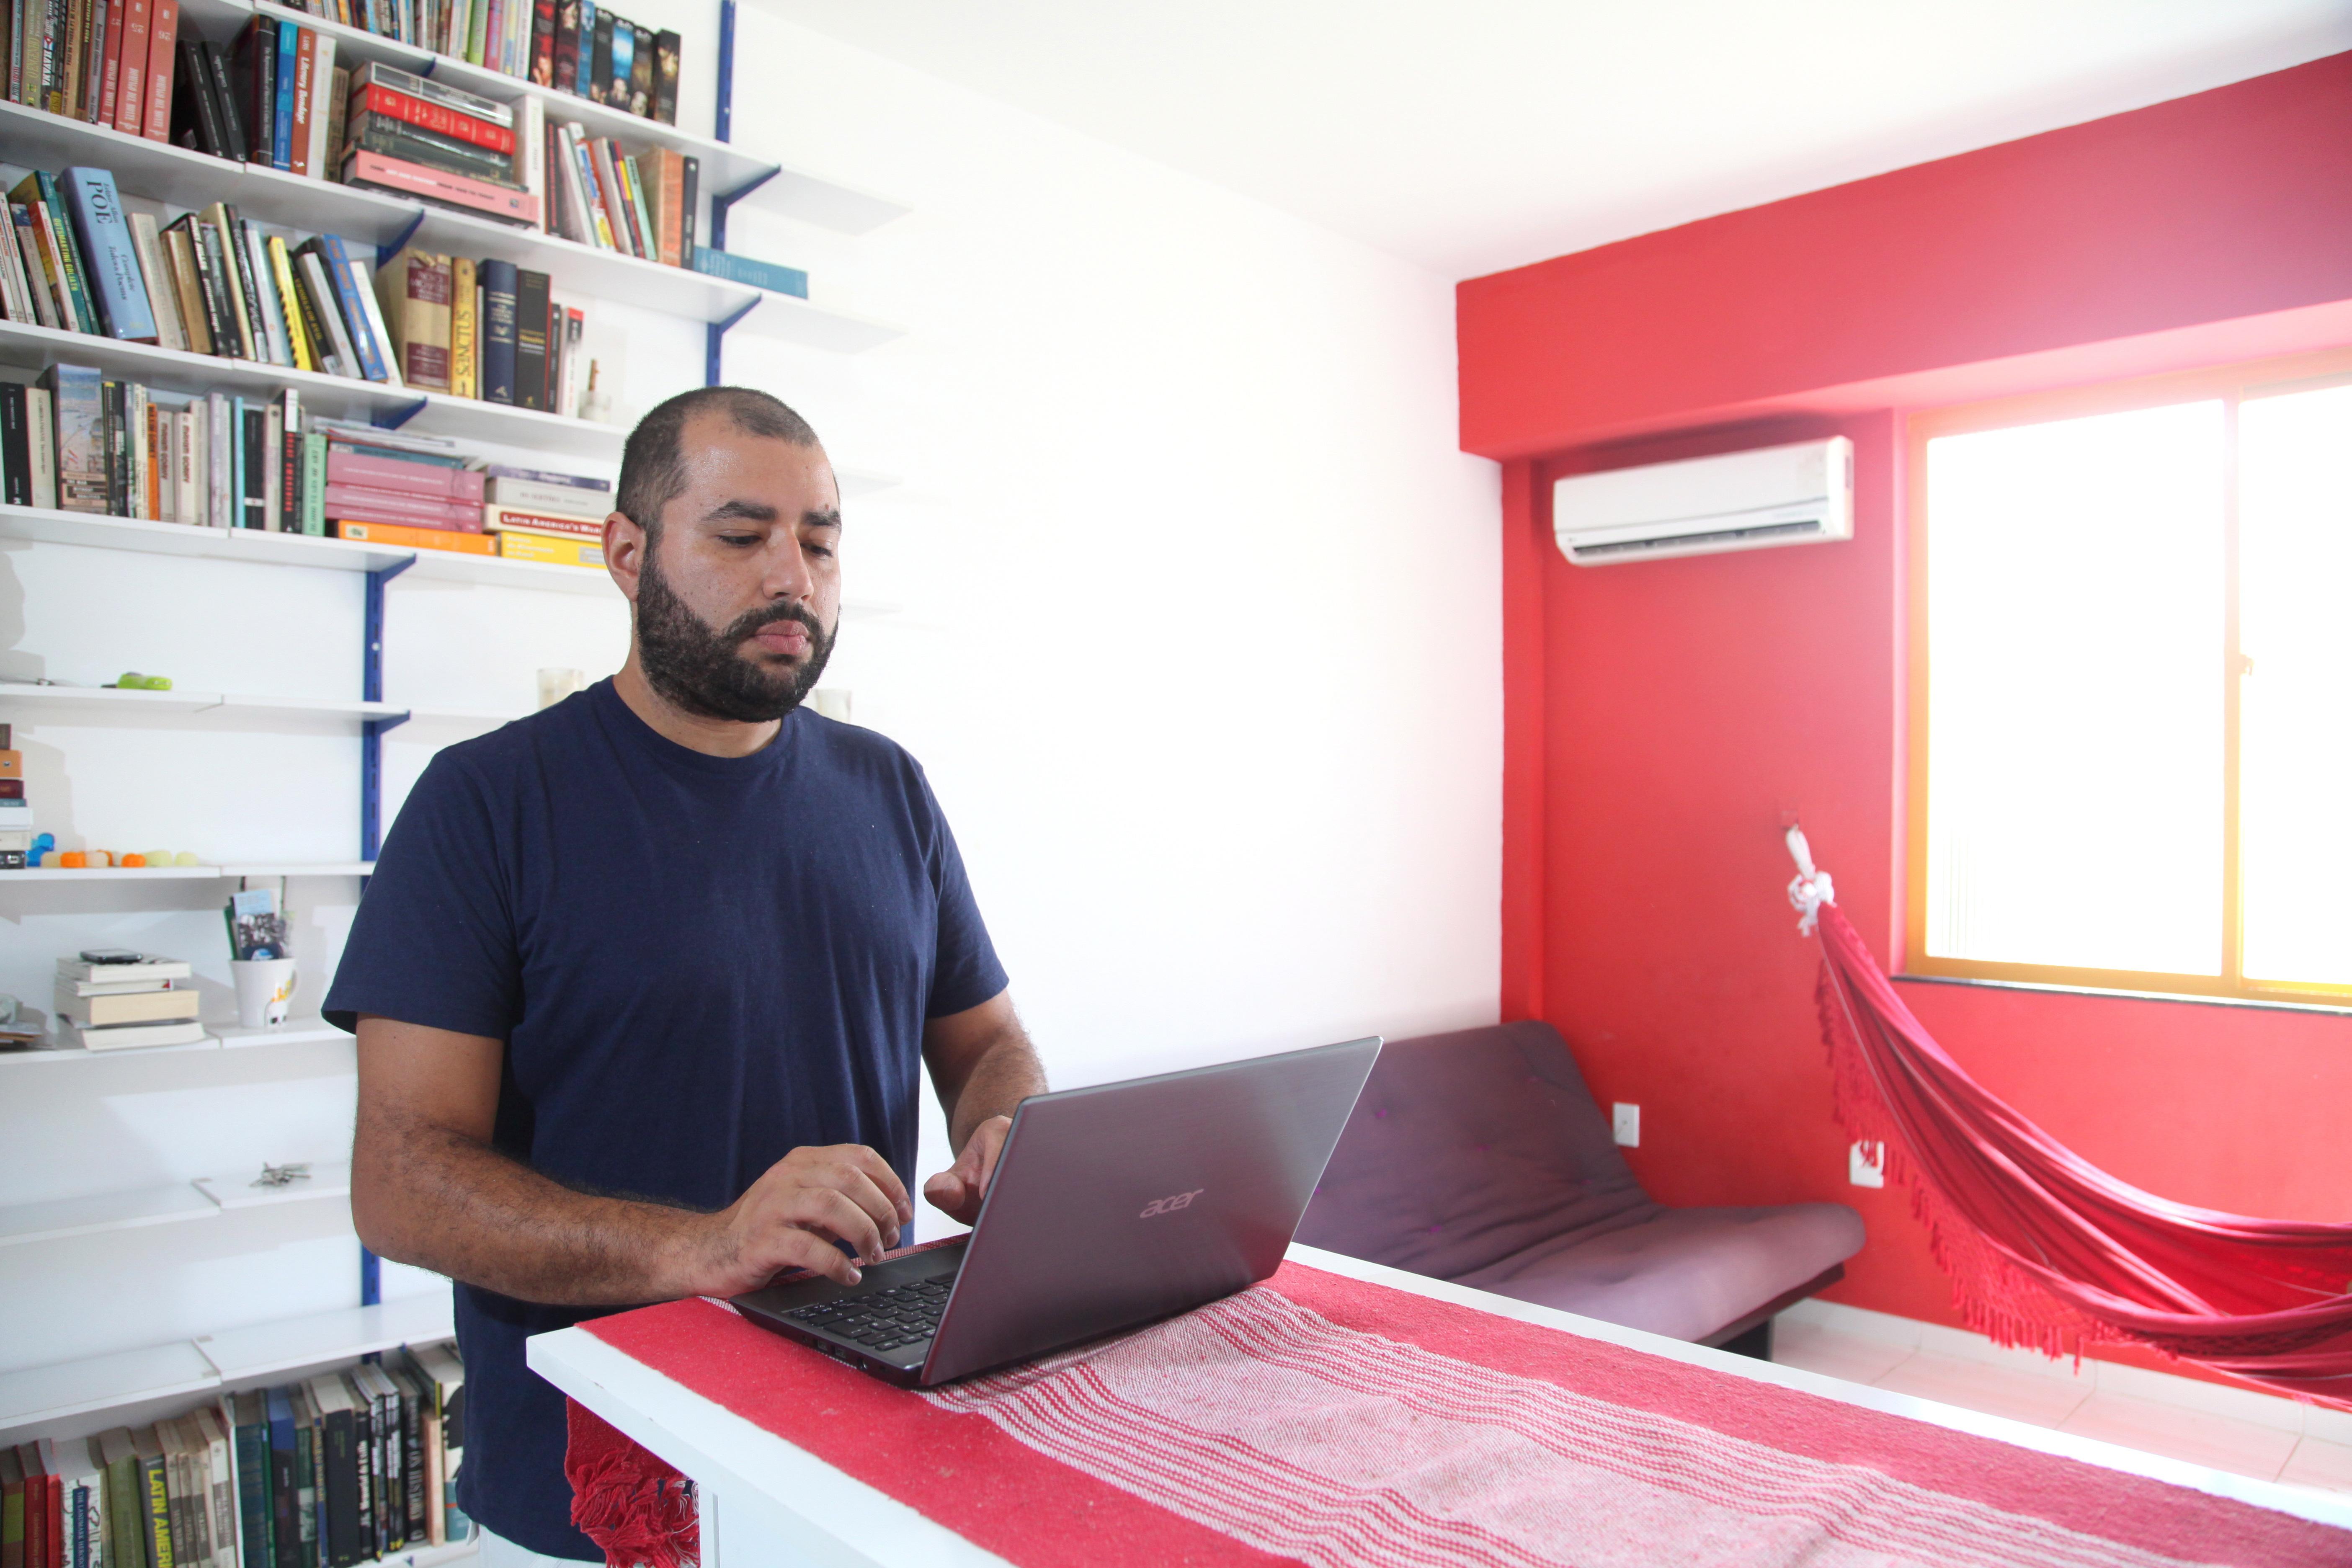 foto: fabio rossi/o globo. em casa, trabalhando. rj, mai13.